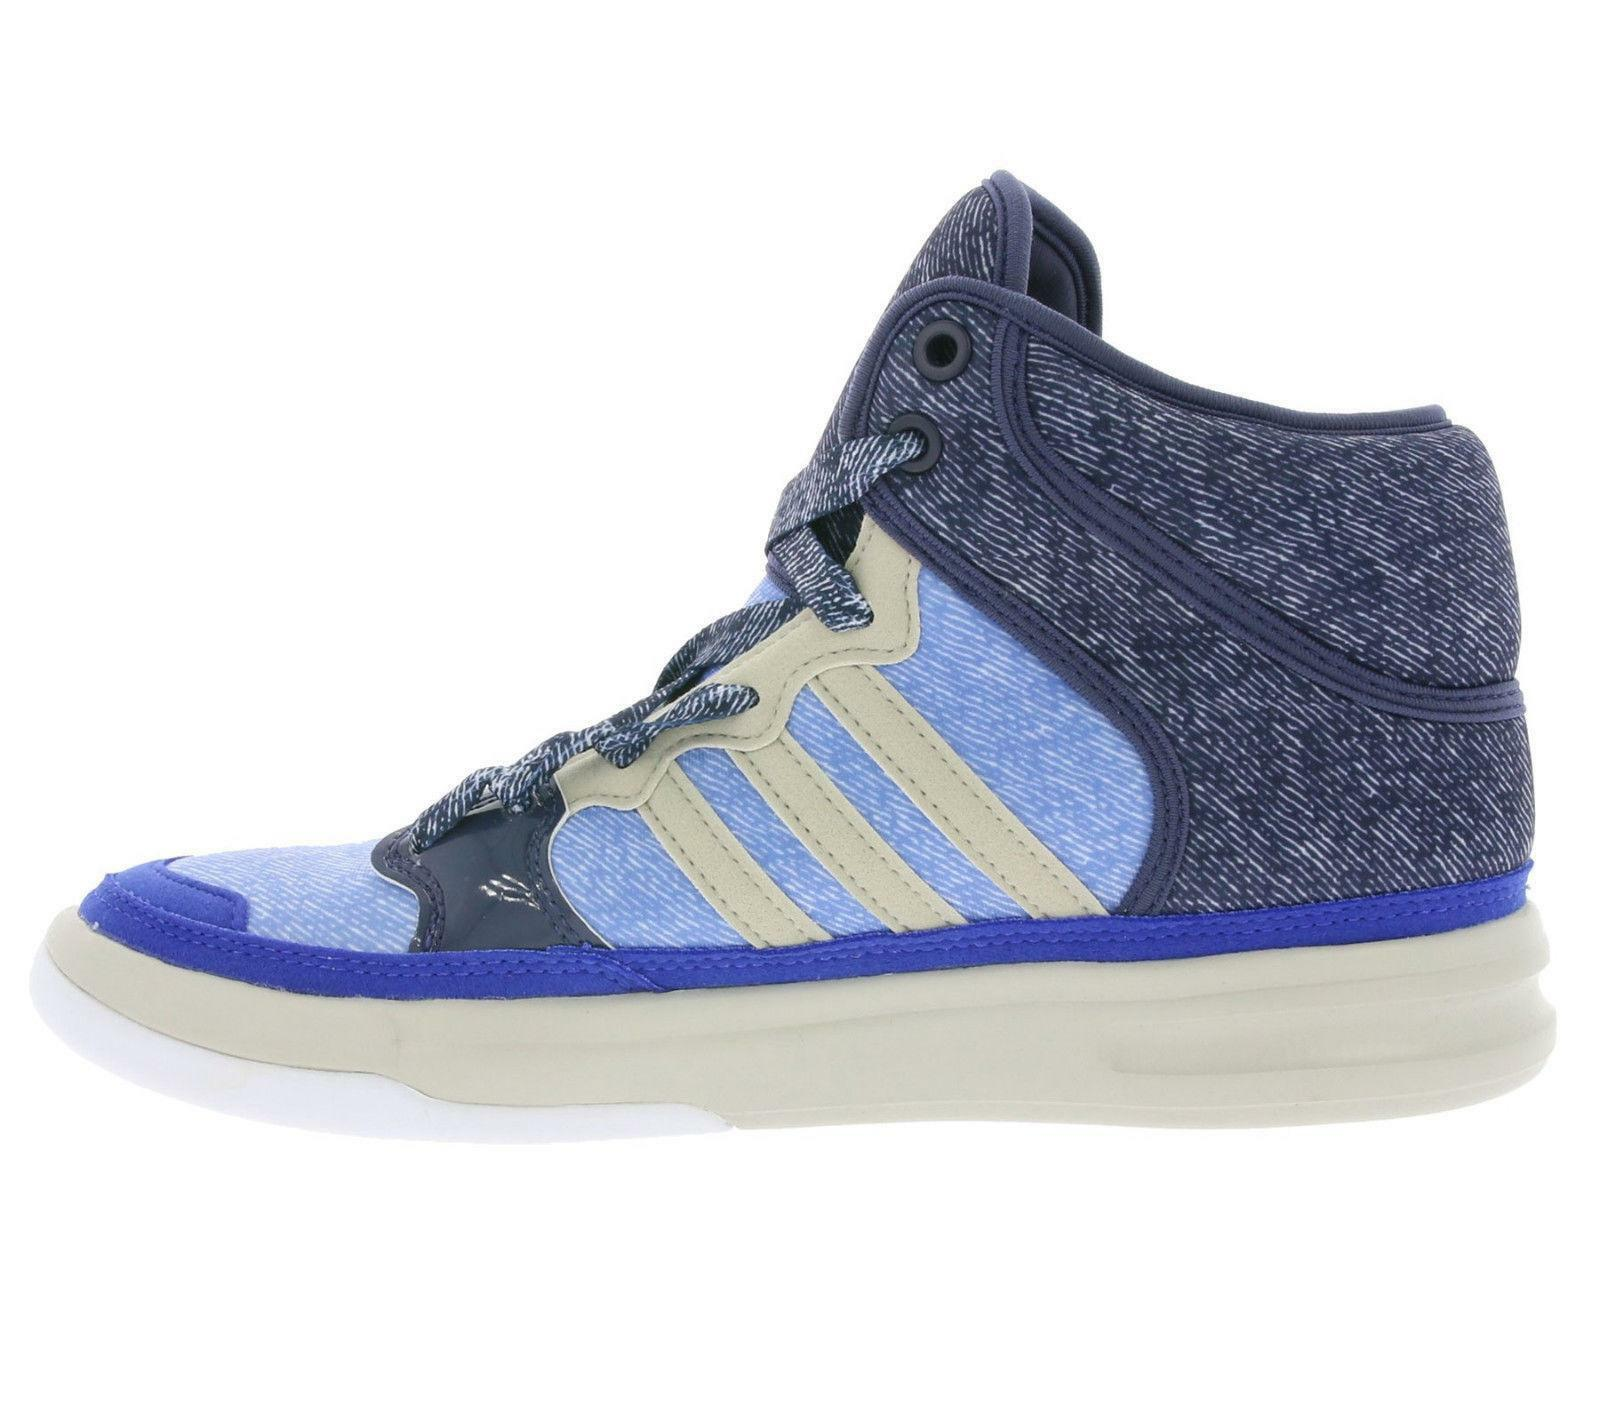 Adidas da Donna Stella Sport Sport Sport Irana Blu Tessuto Scarpe Sportive Alte B25114   Funzione speciale    Gentiluomo/Signora Scarpa  026d0c